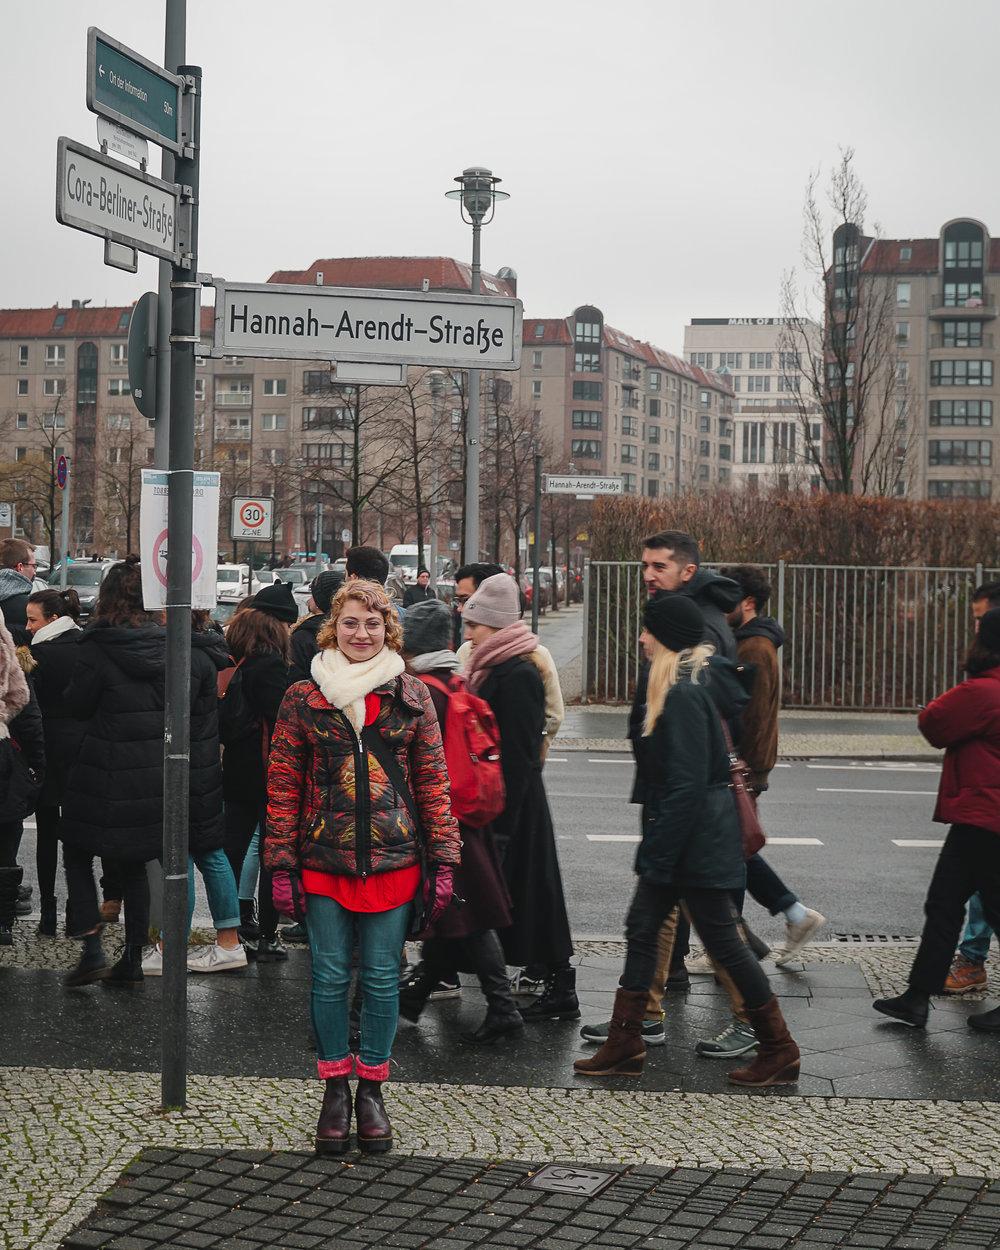 2018-12-29 Berlin 1 006.jpg